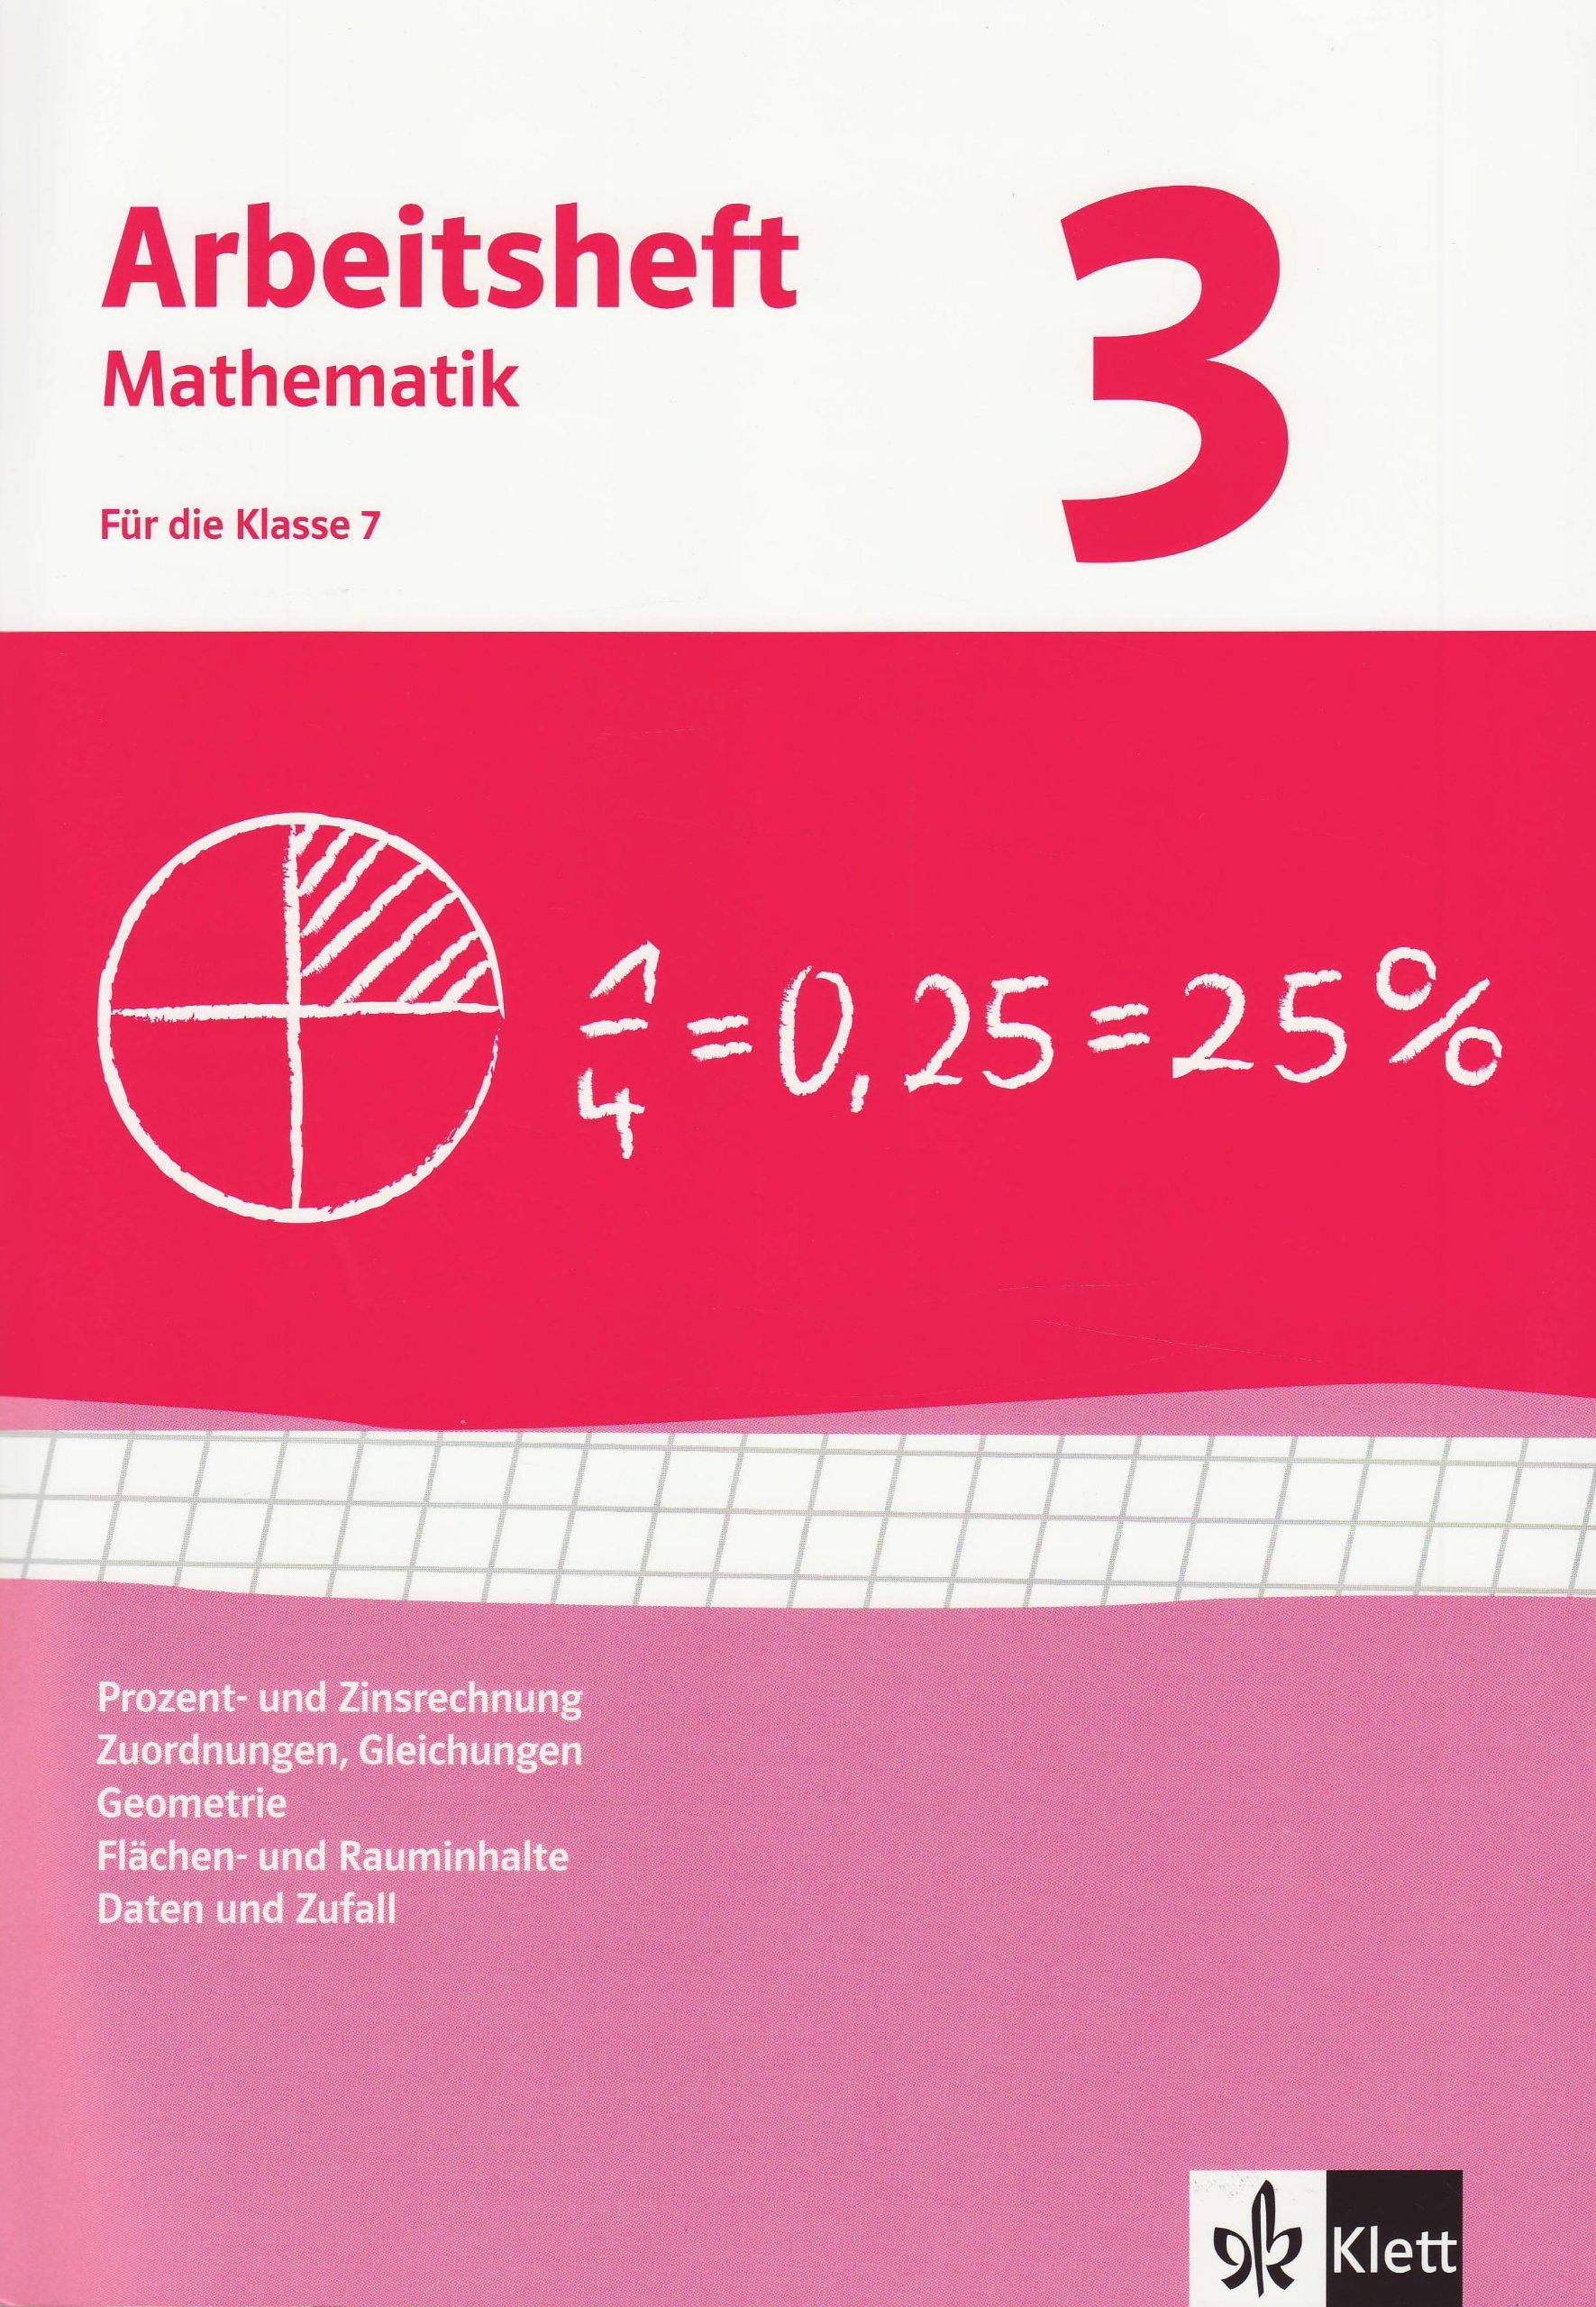 Prozent- und Zinsrechnung, Zuordnungen, Gleichungen, Geometrie ...